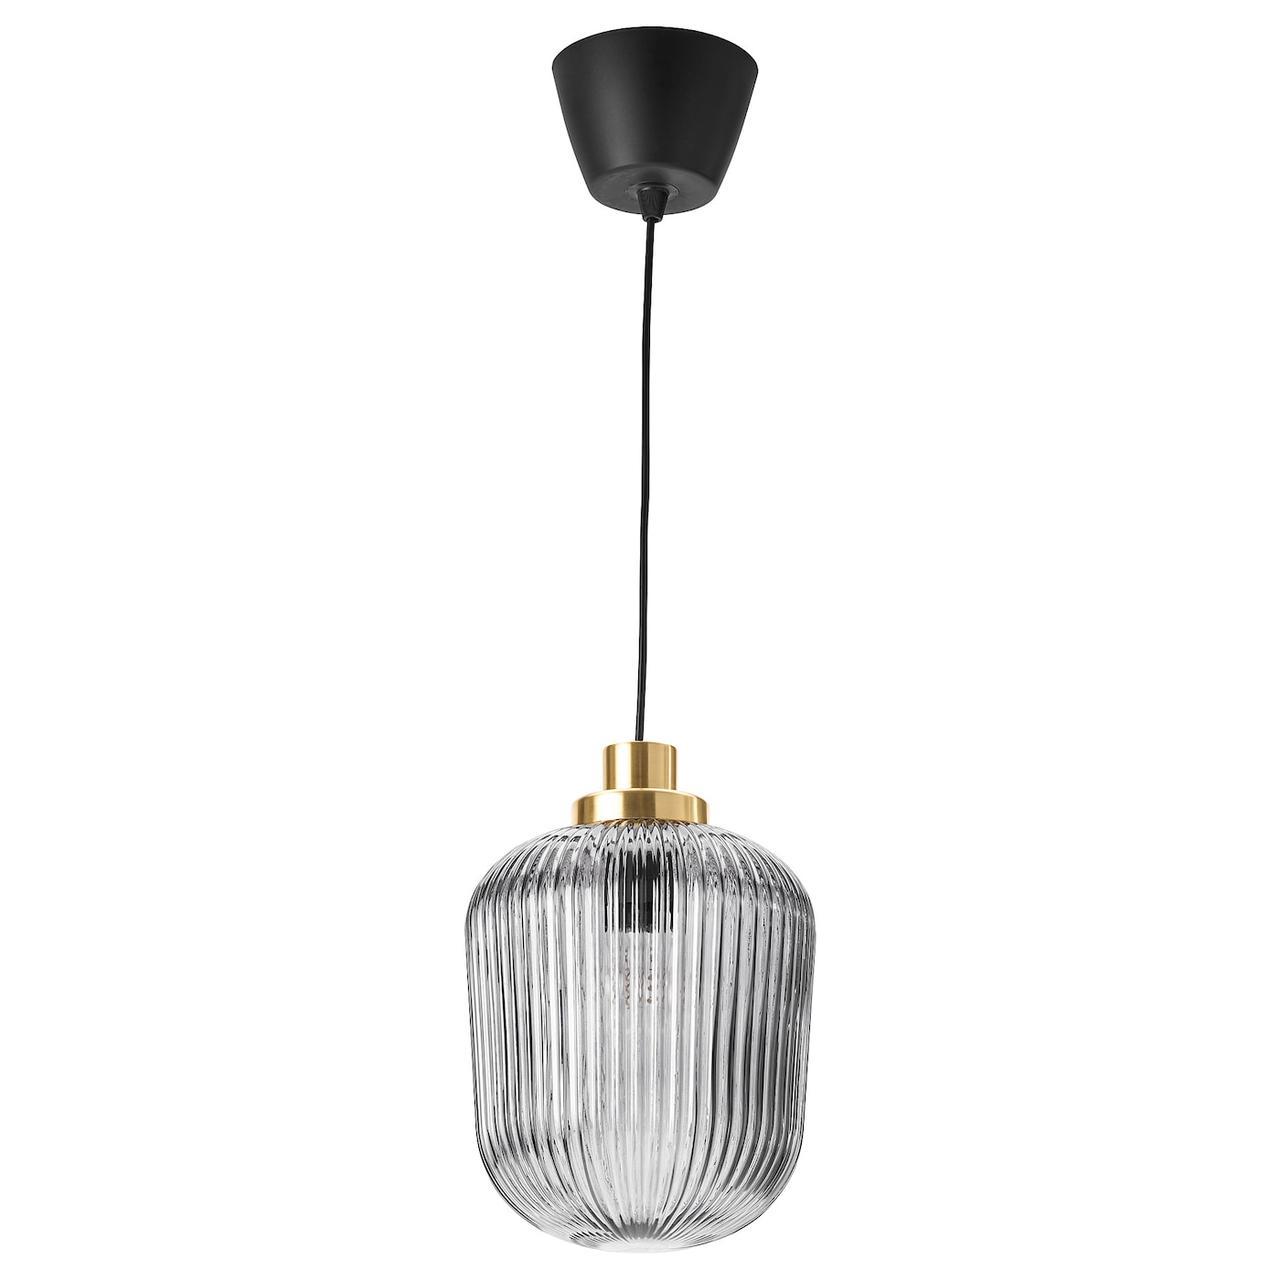 IKEA SOLKLINT Подвесной светильник, латунь/ прозрачное стекло 22 см